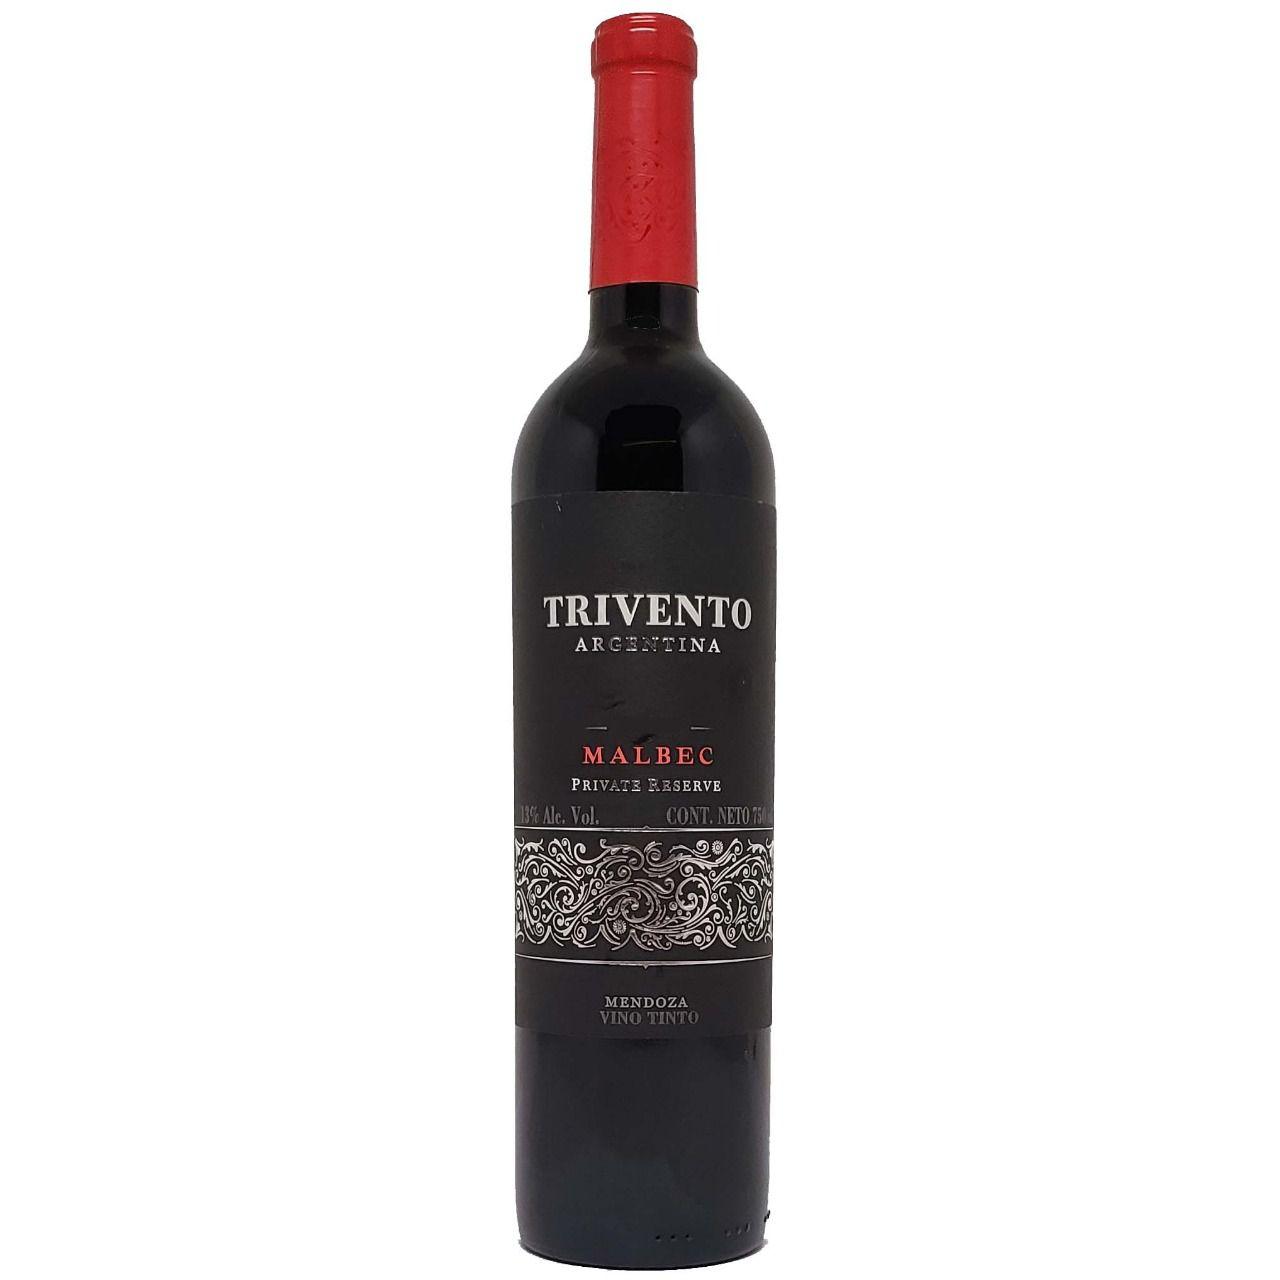 Vinho Tinto Trivento Malbec Private Reserve - 750ml -